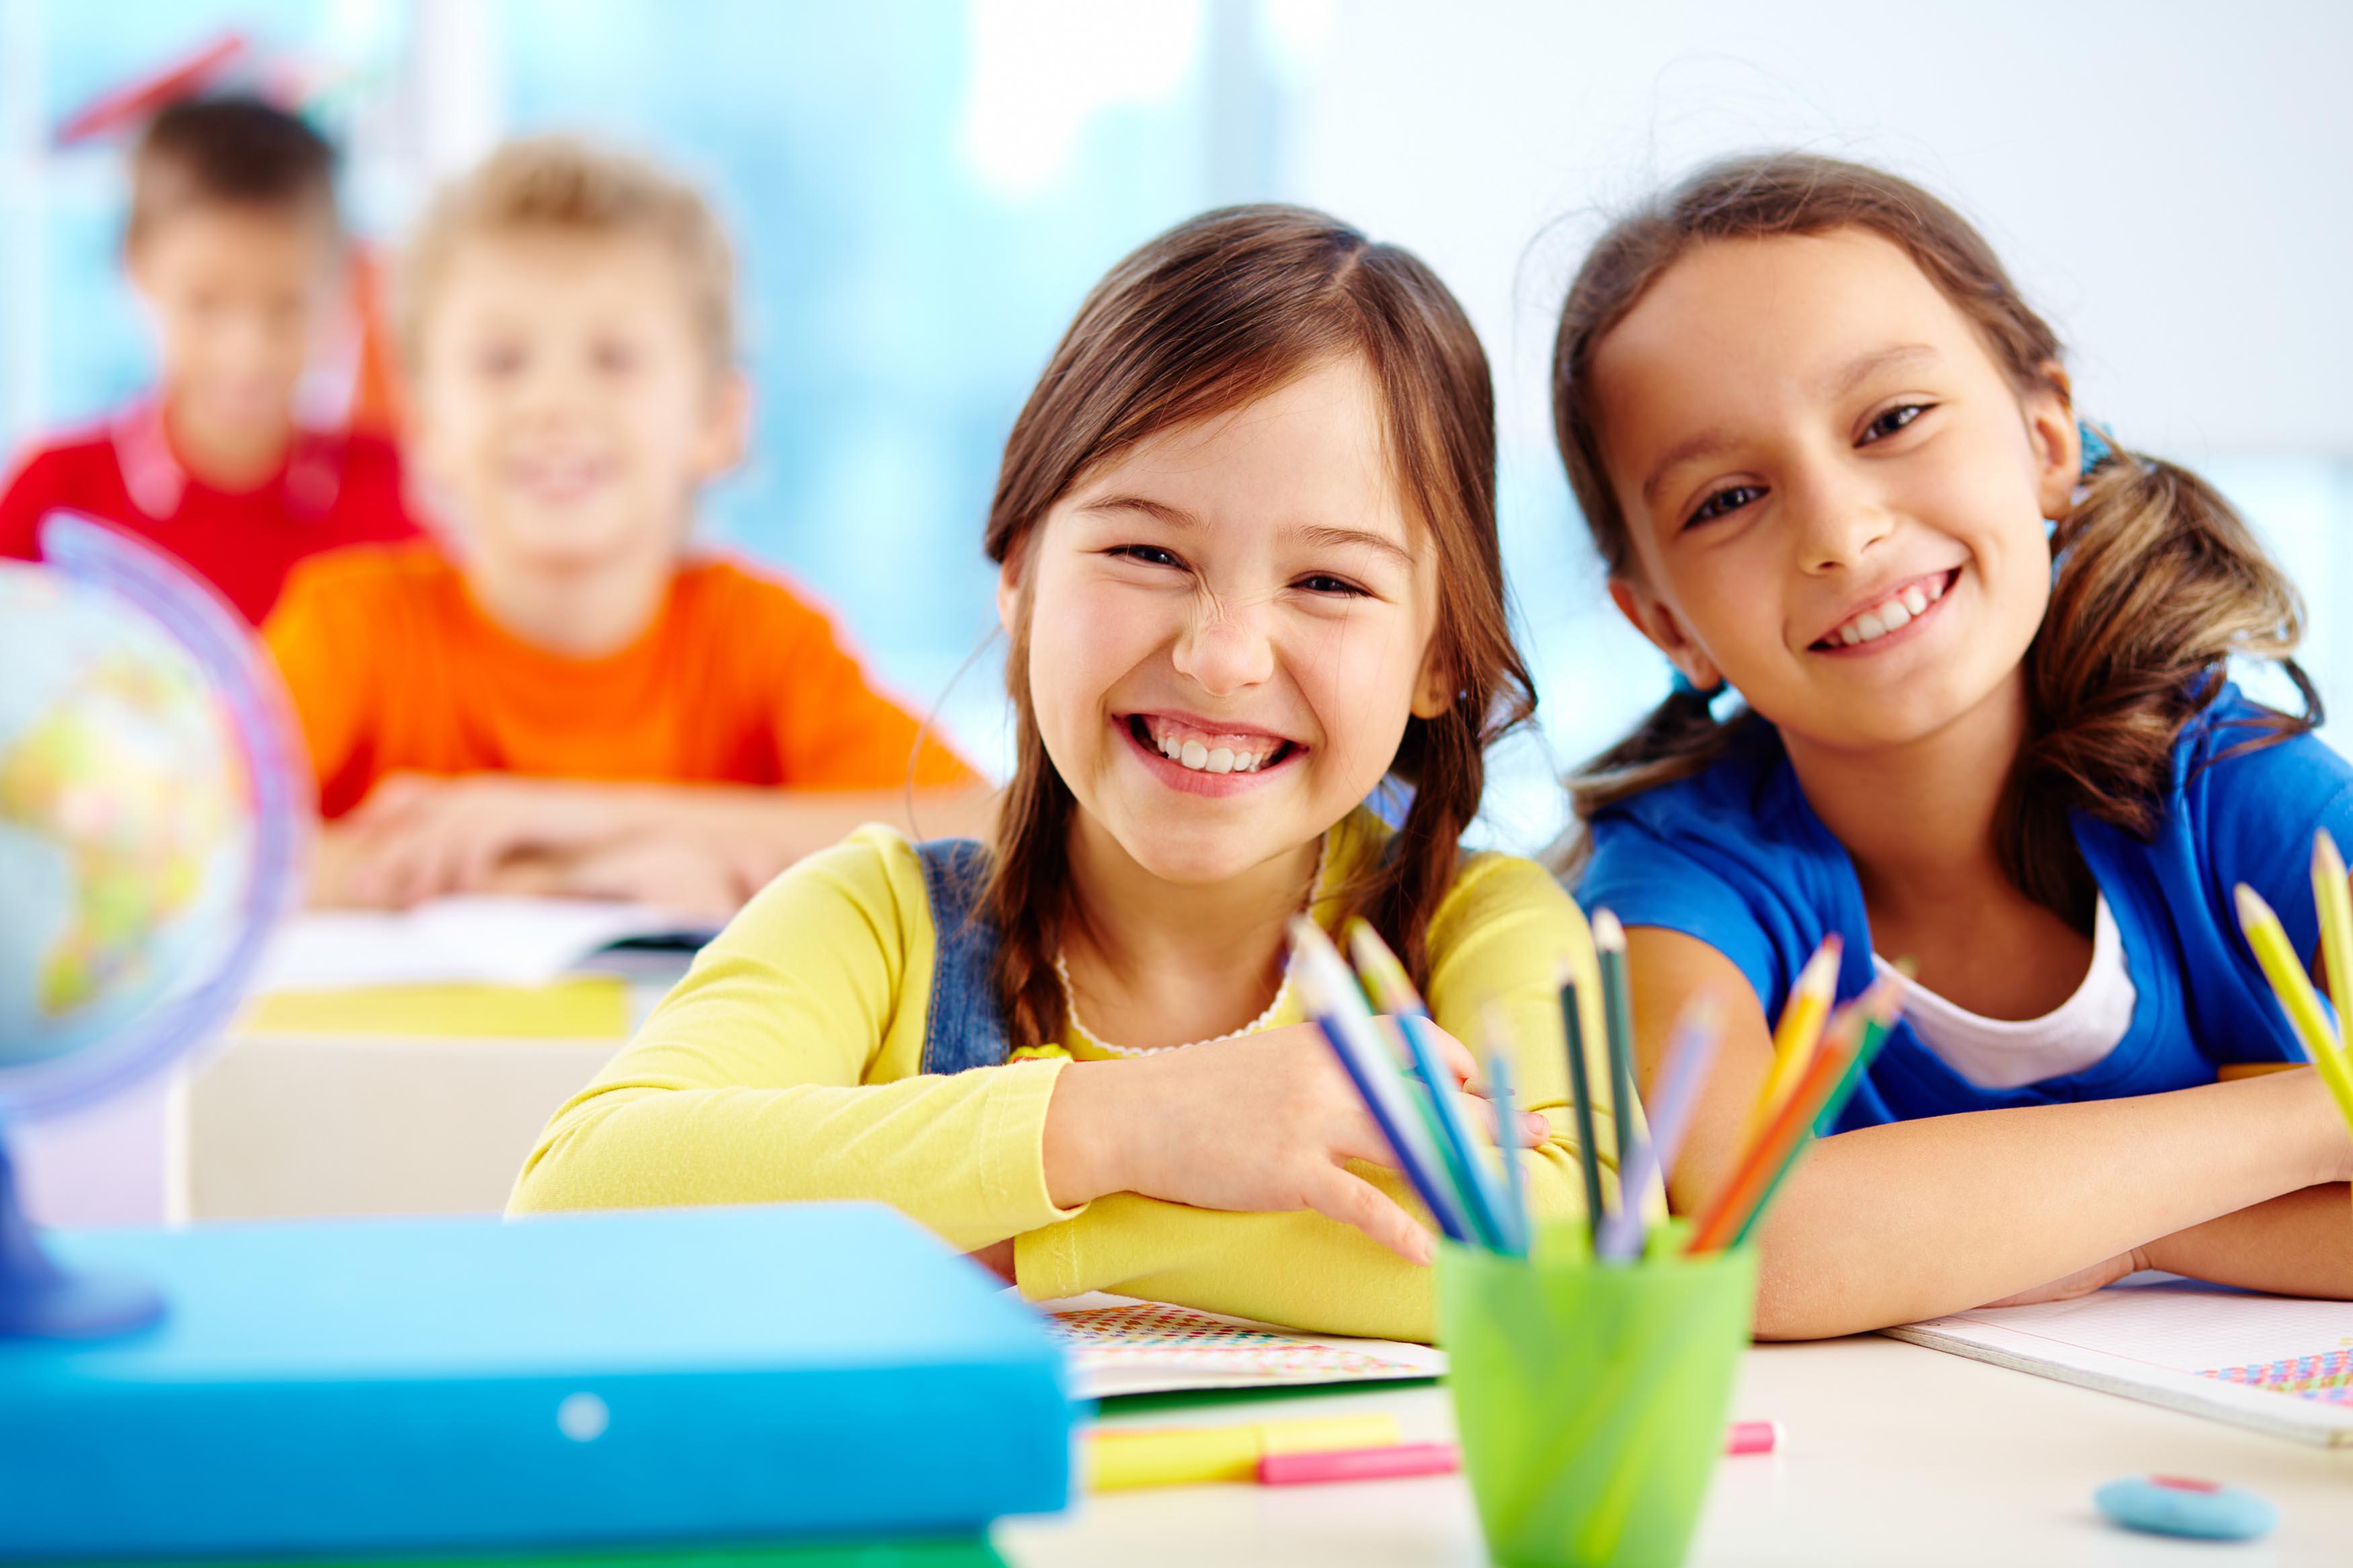 Ας κάνουμε τη πρώτη μέρα στο σχολείο των παιδιών πιο εύκολη